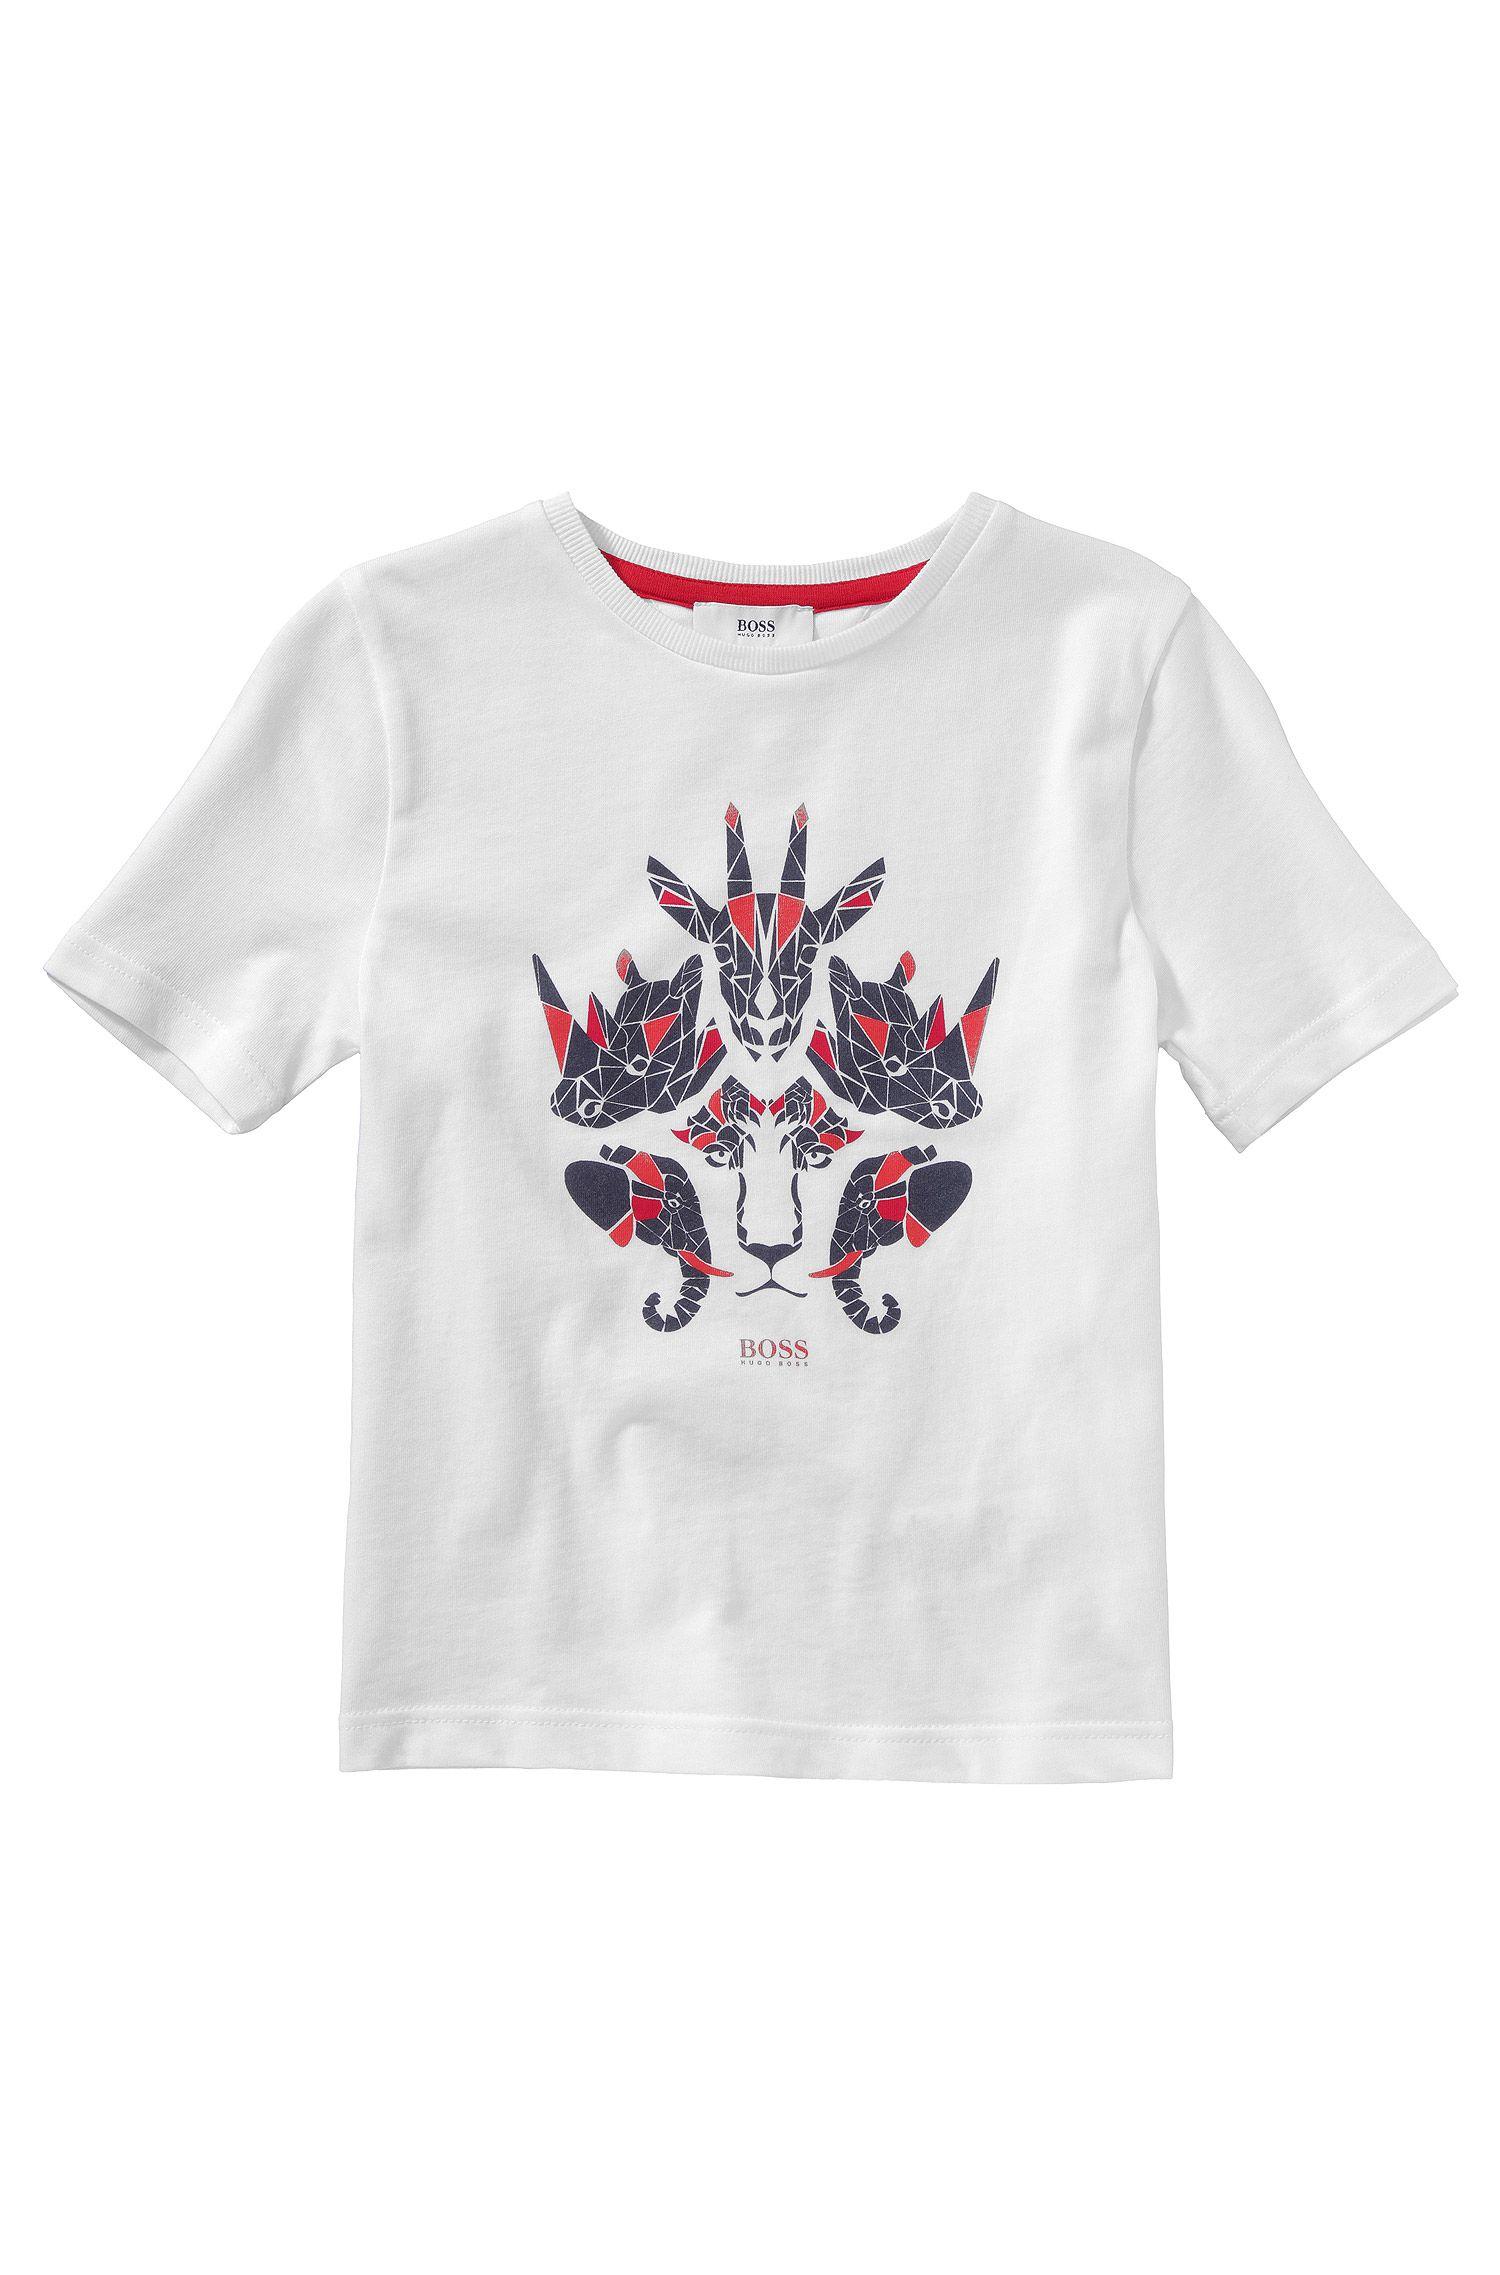 Kinder-T-shirt 'J25784' van katoen